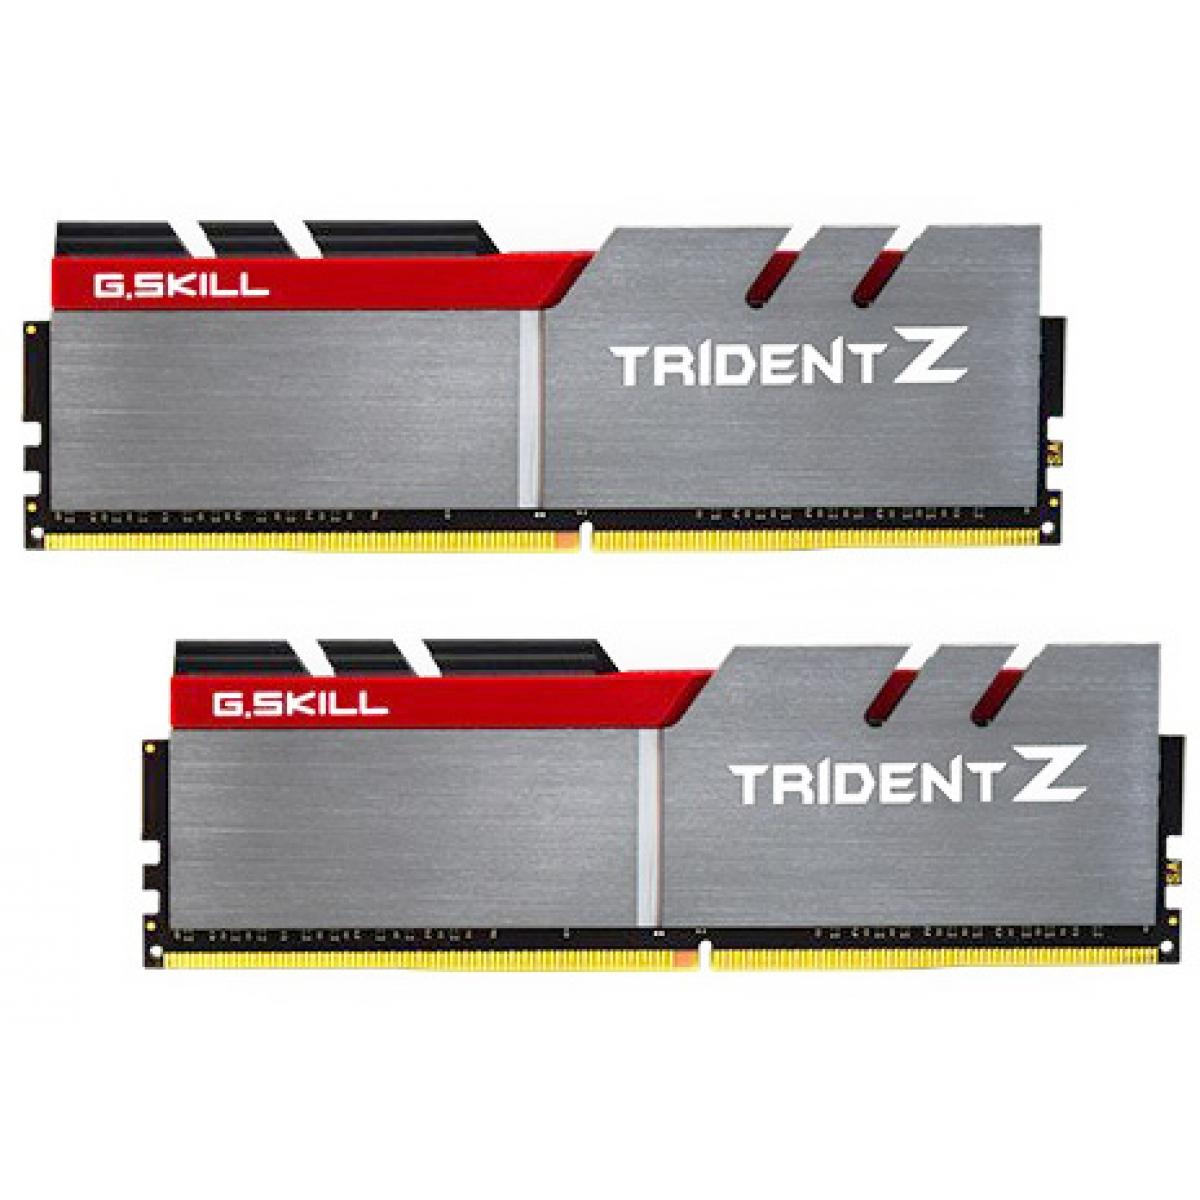 Memória DDR4 G.Skill Trident Z, 16GB (2x8GB) 2800MHz, F4-2800C15D-16GTZB